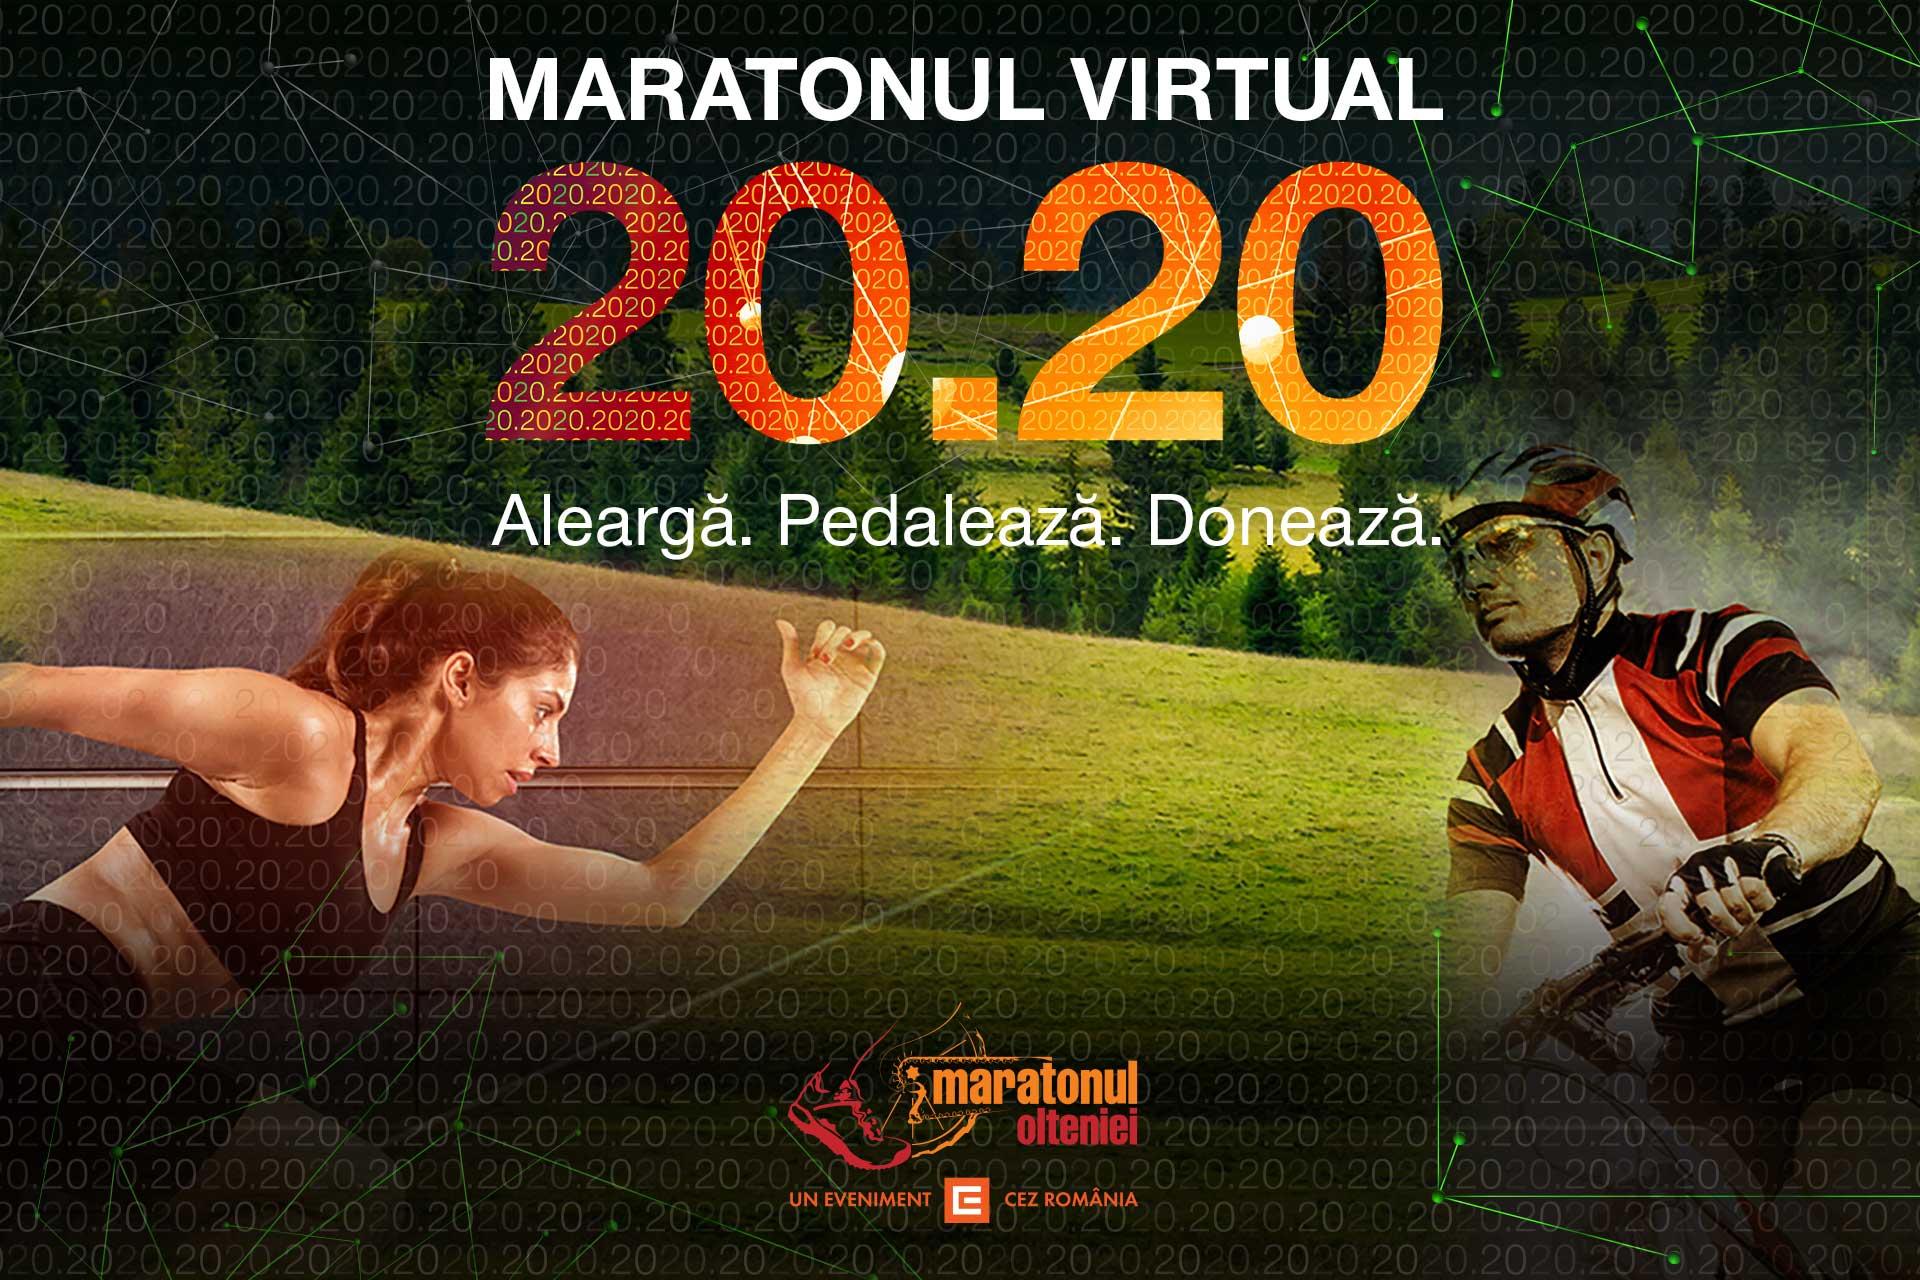 Maratonul Olteniei 2020